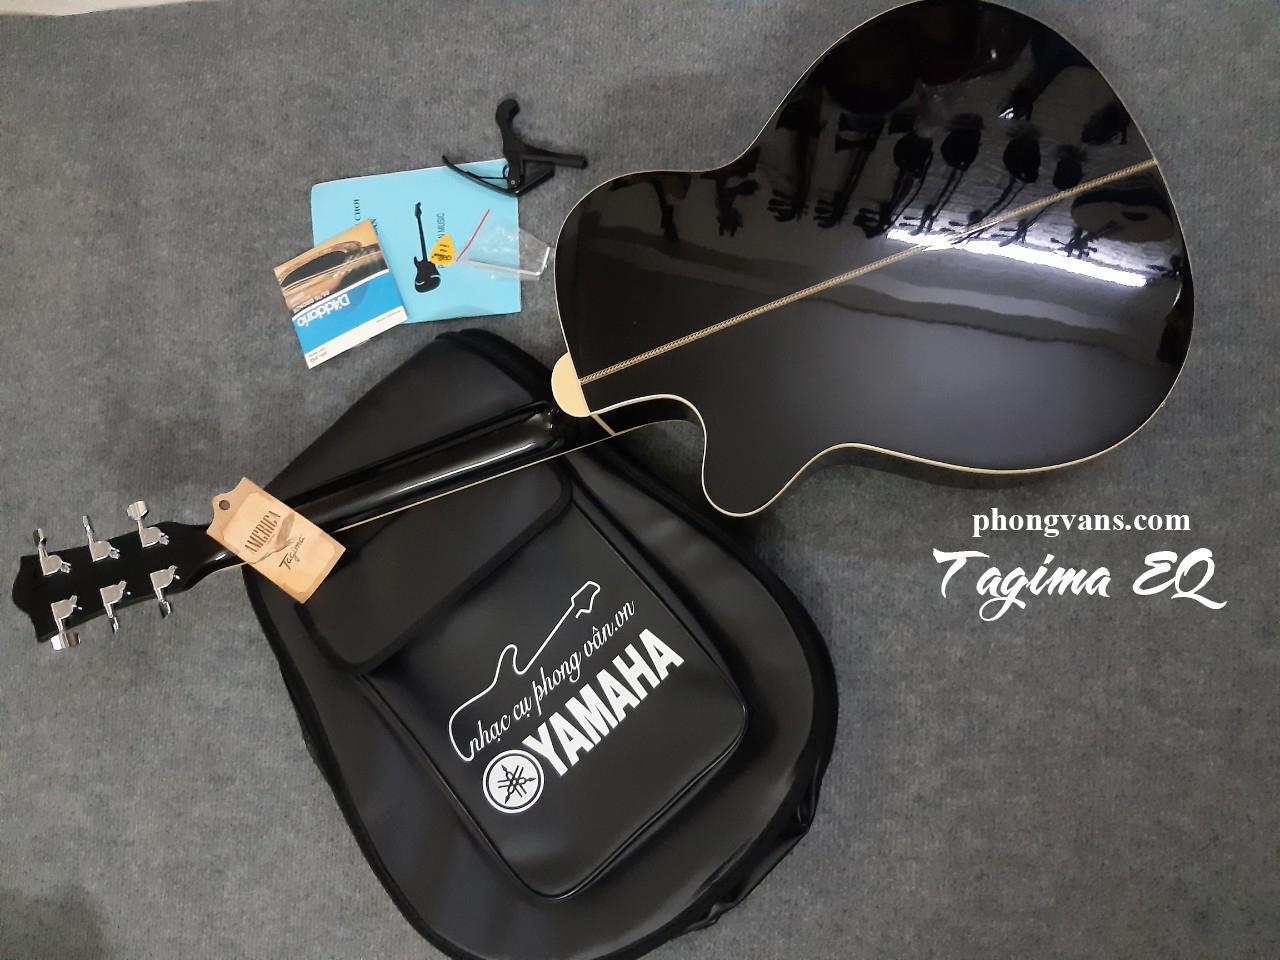 Đàn guitar acoustic chính hãng Tagima EQ màu đen